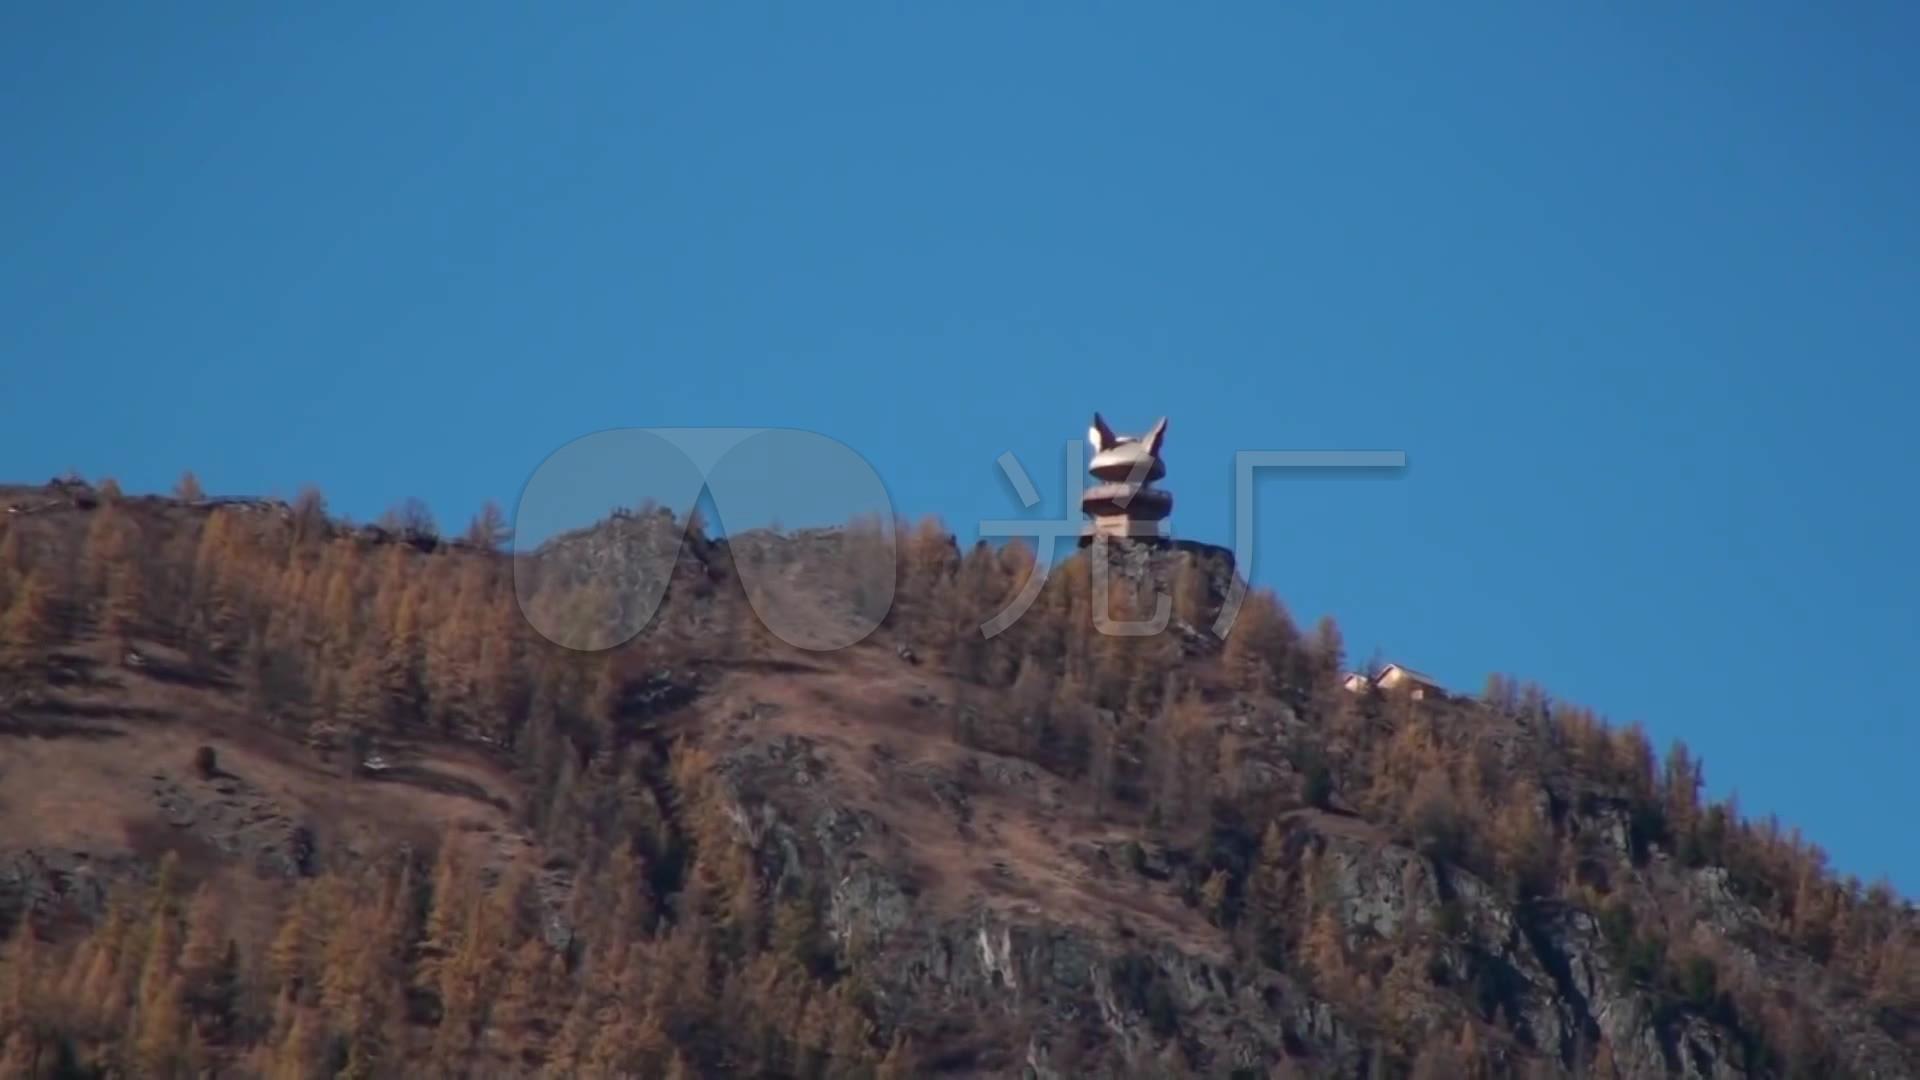 北疆喀纳斯河神仙湾月亮卧龙湾_1920X1080_的视频助产图片